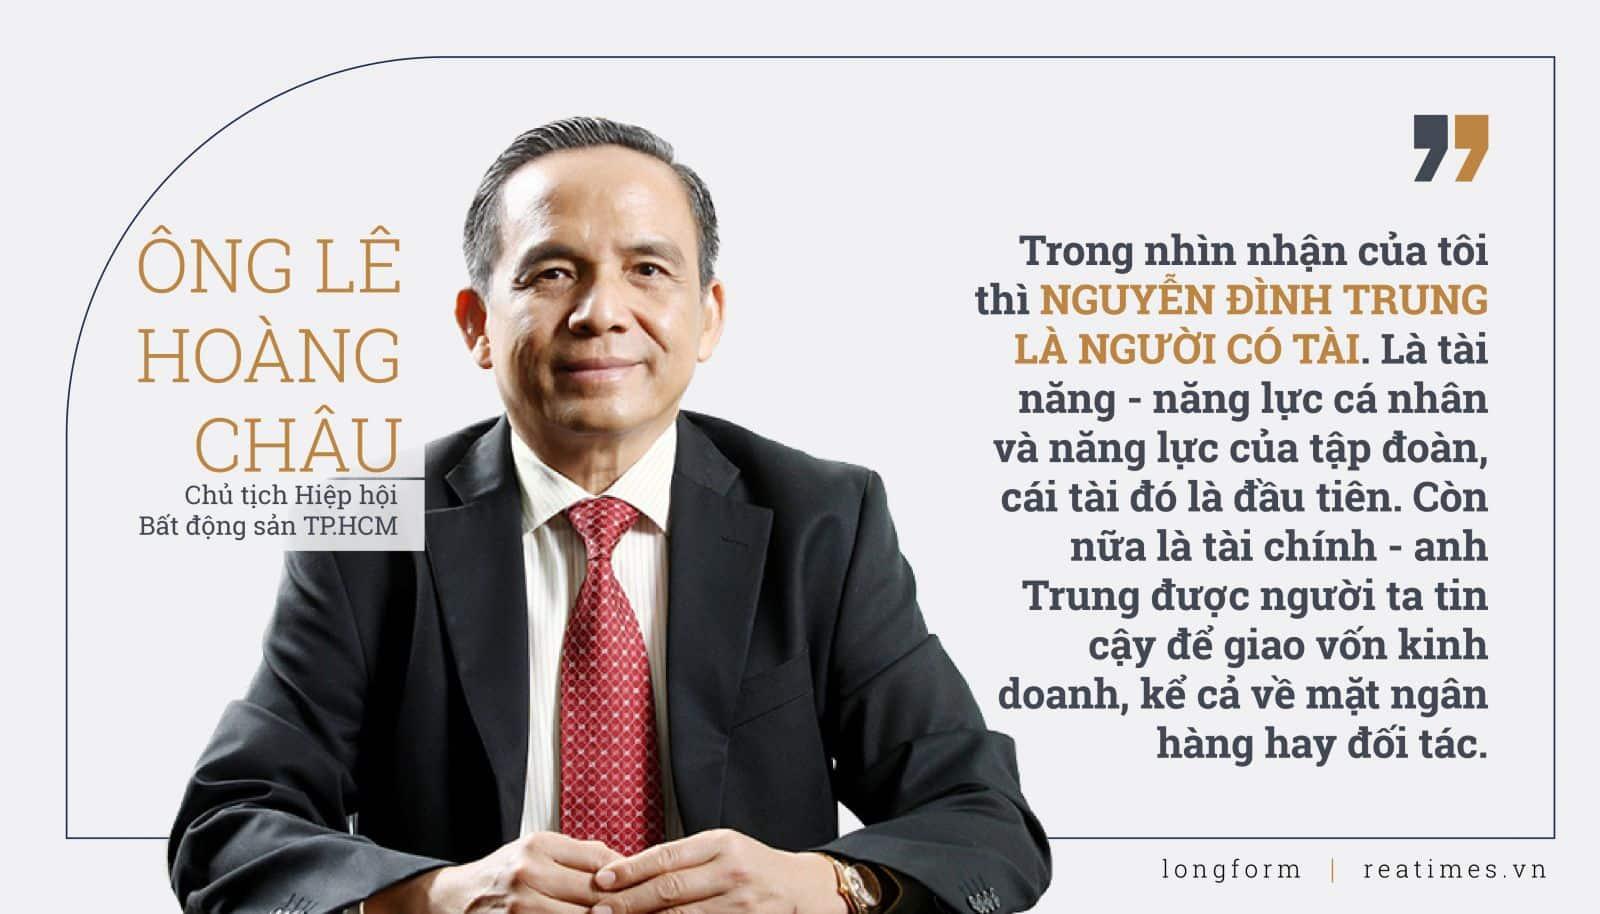 Ông Lê Hoàng Châu chủ tịch hiệp hội Bất động sản TP.HCM